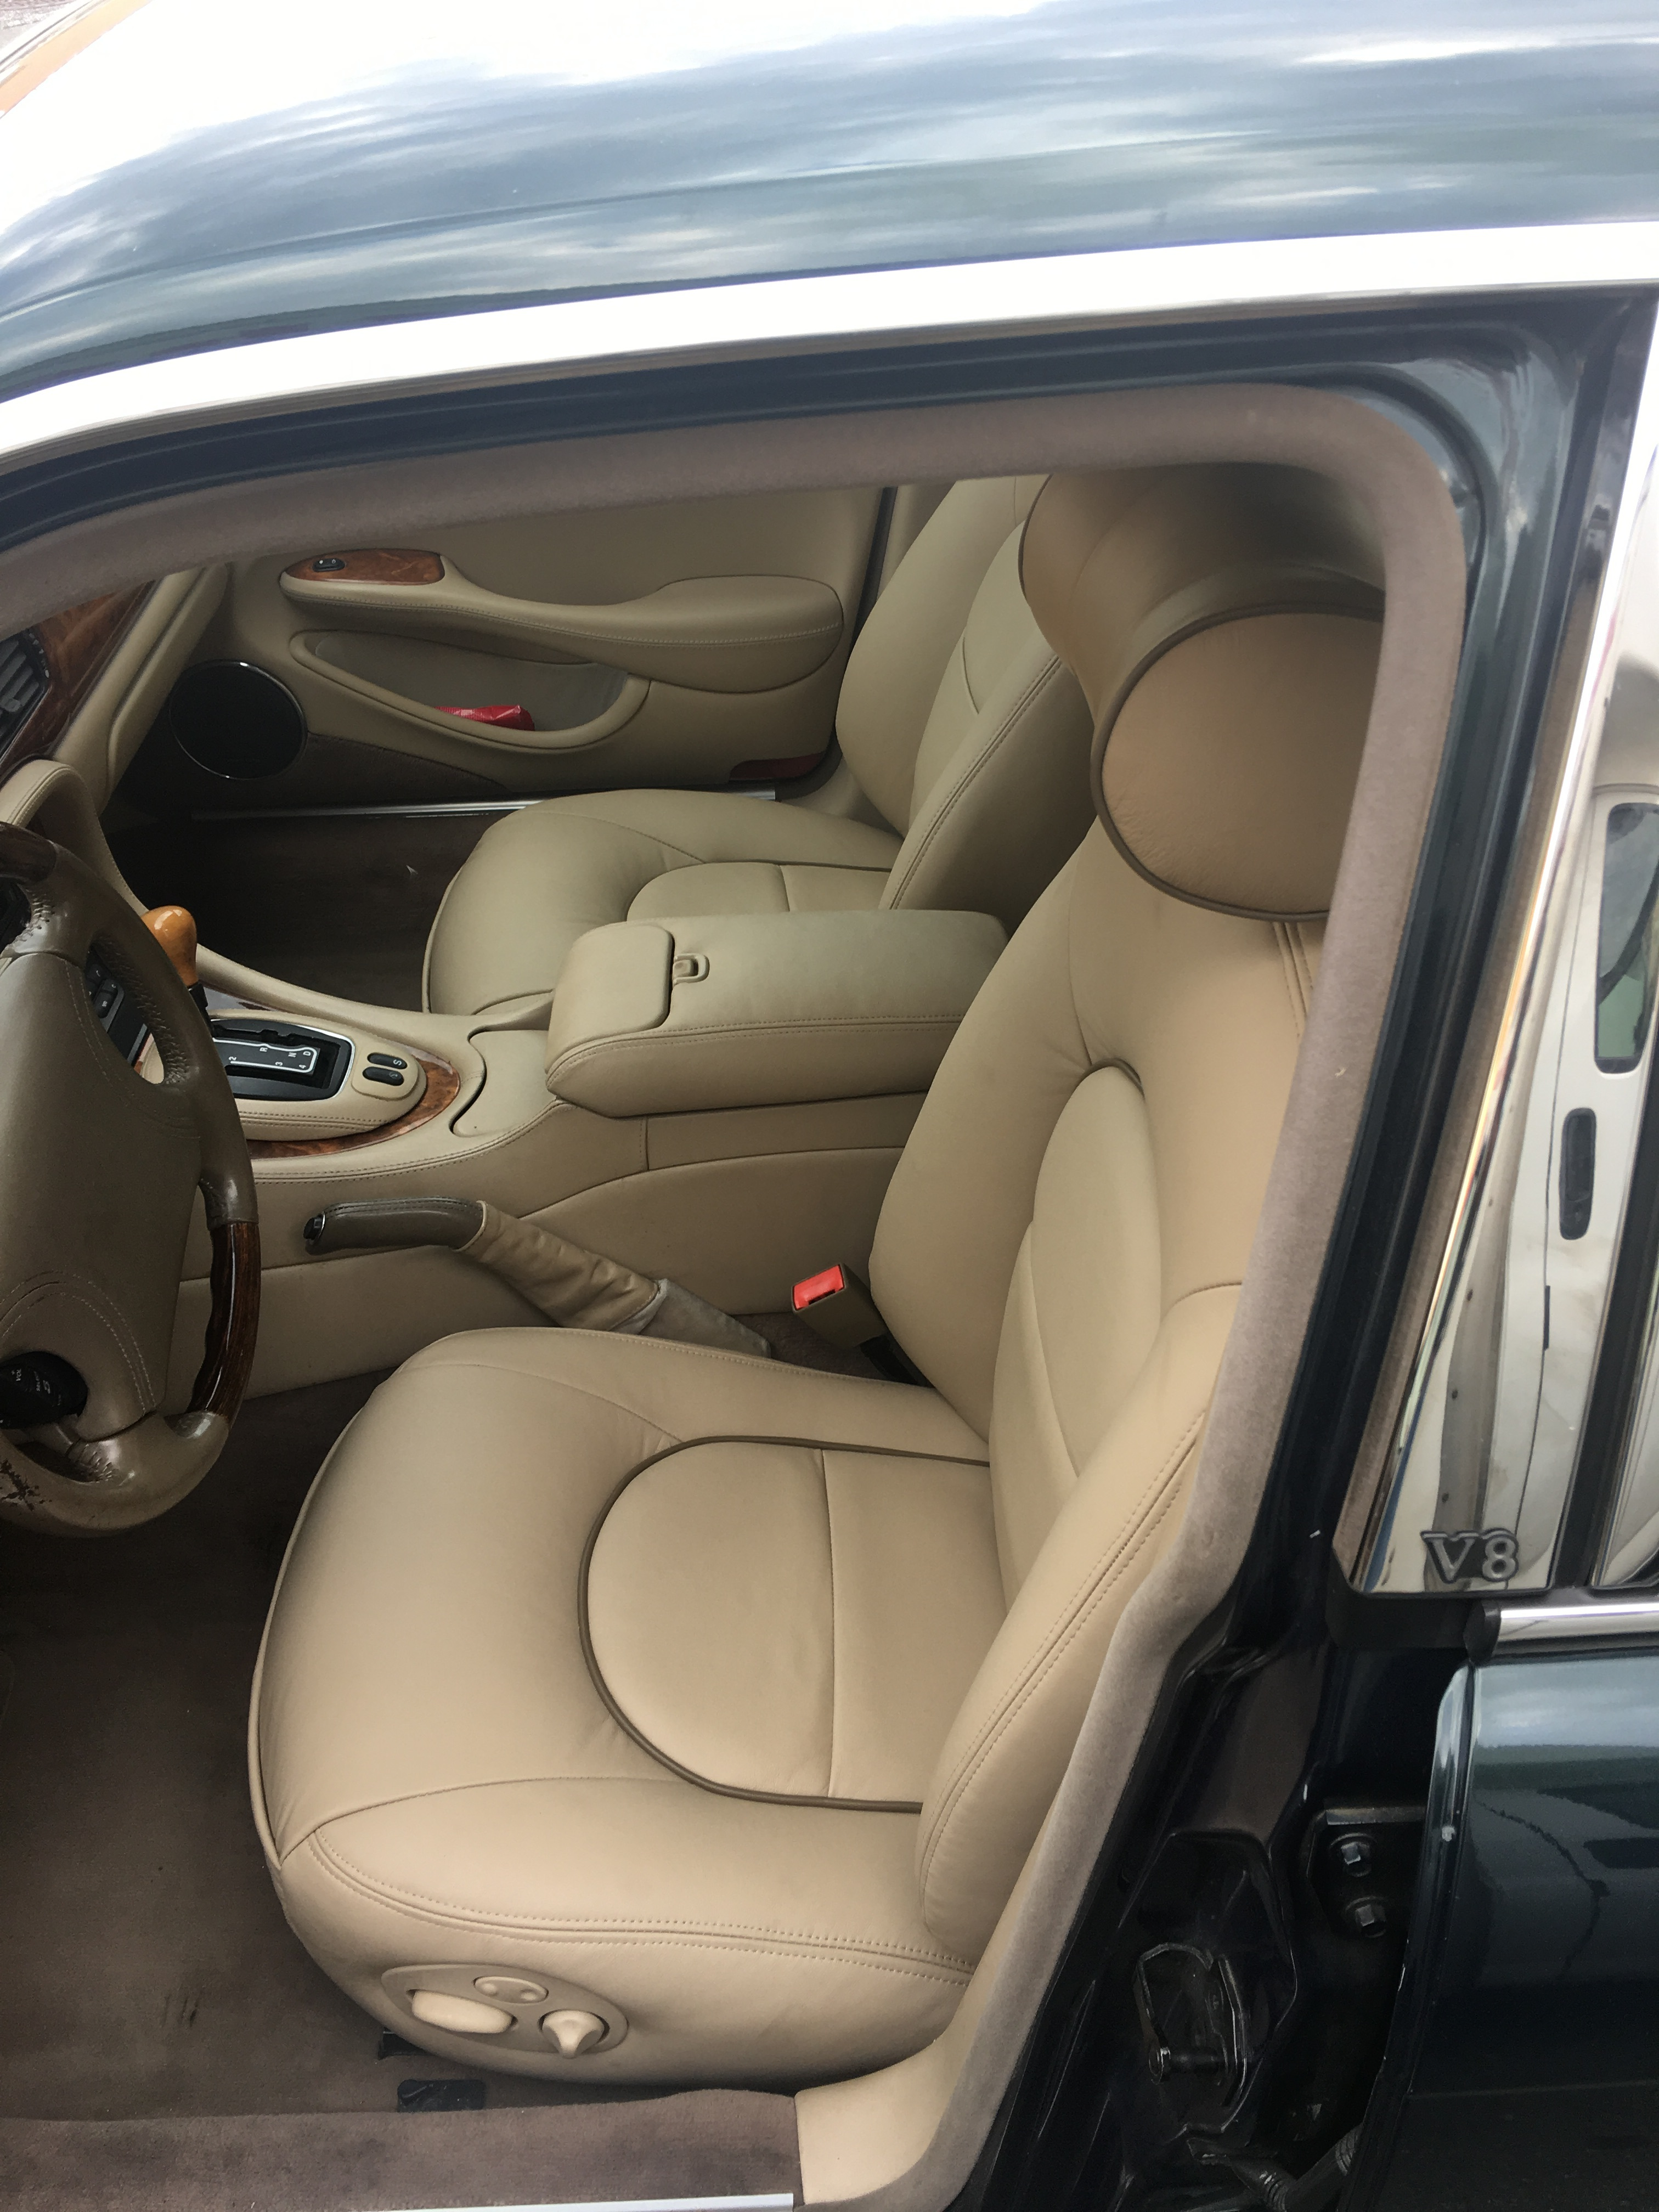 Jaguars Driver seat